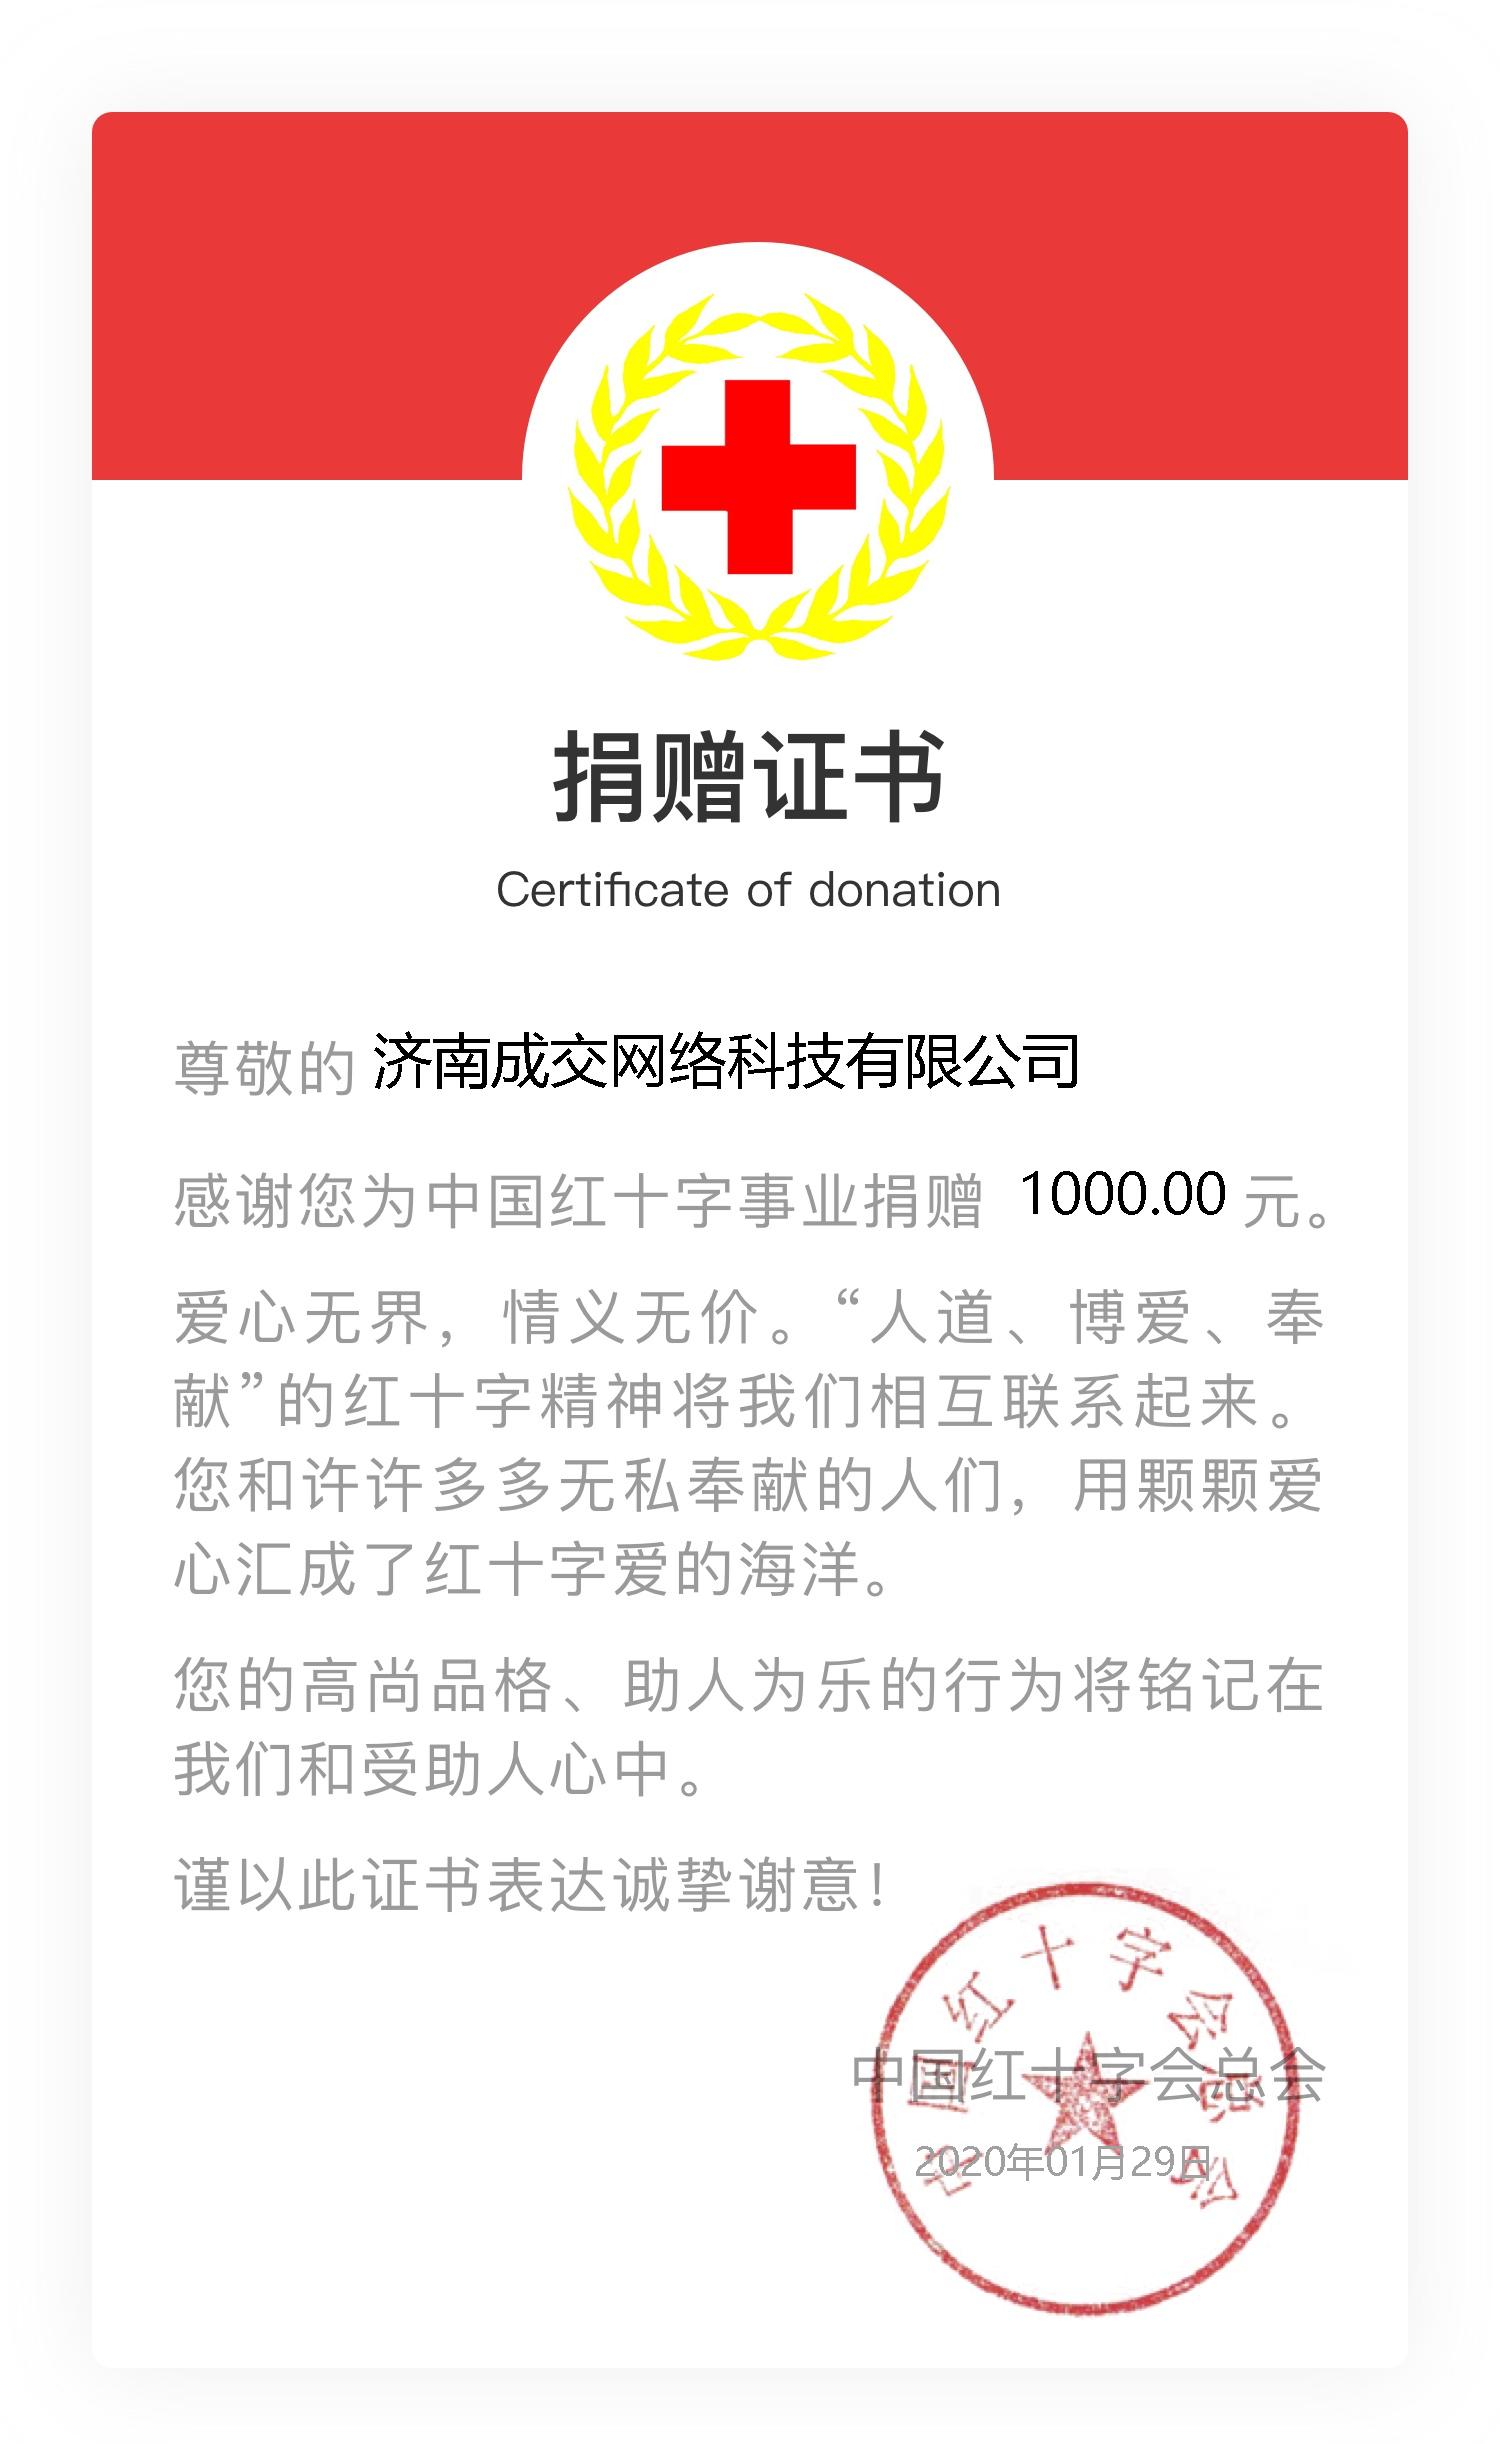 中國紅十字會總會捐贈證書